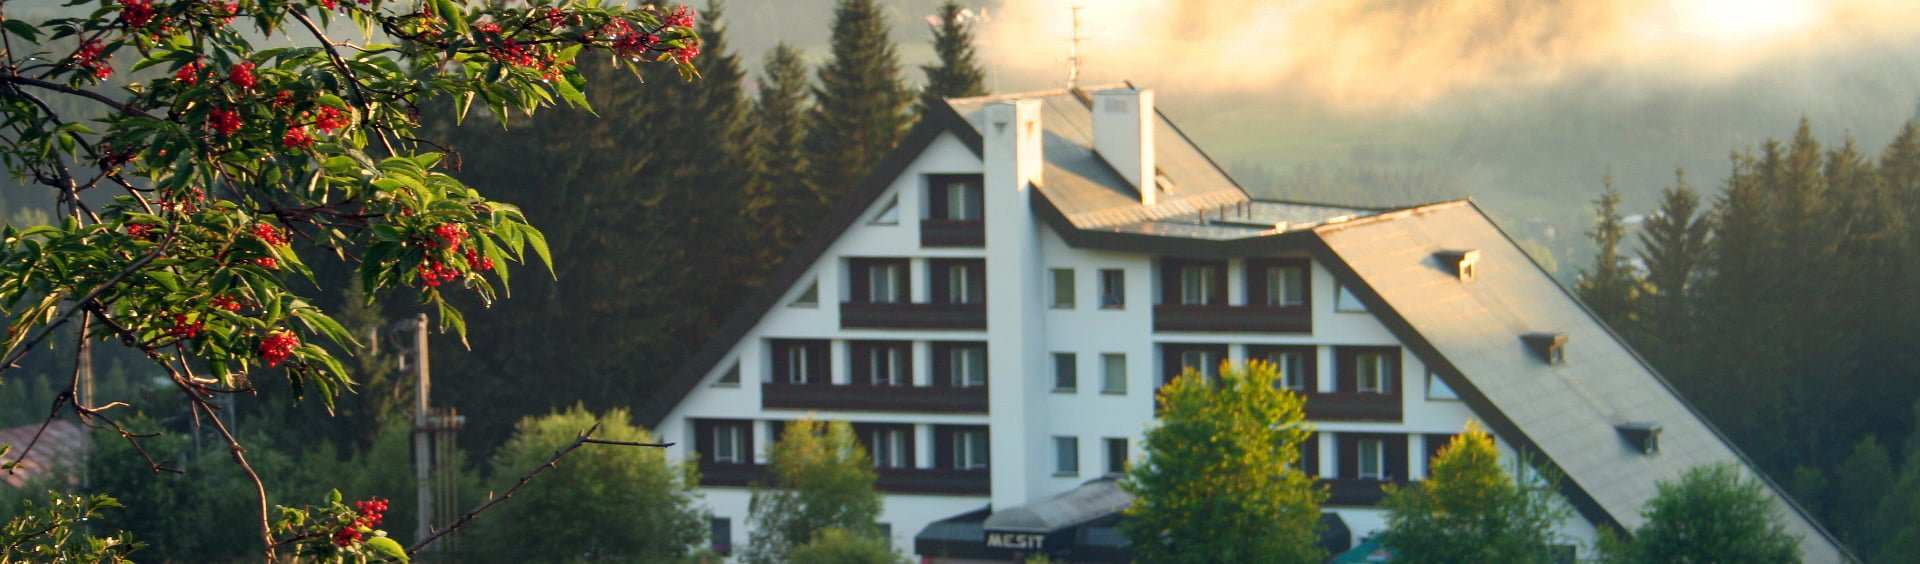 Hotel Mesit v létě po dešti